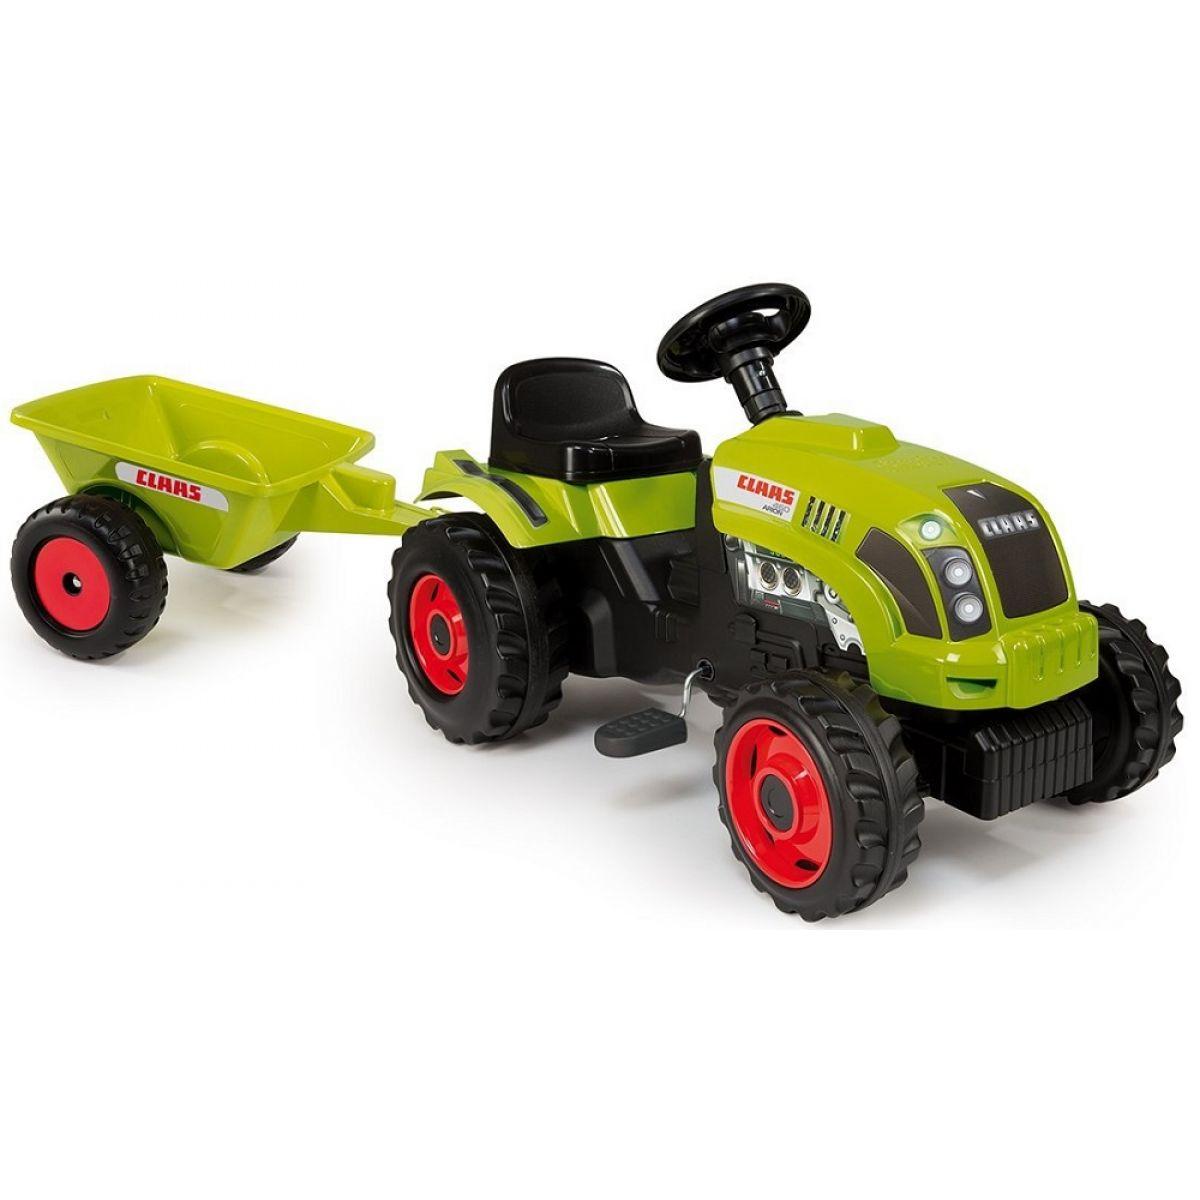 Smoby Šlapací traktor Class s vozíkem